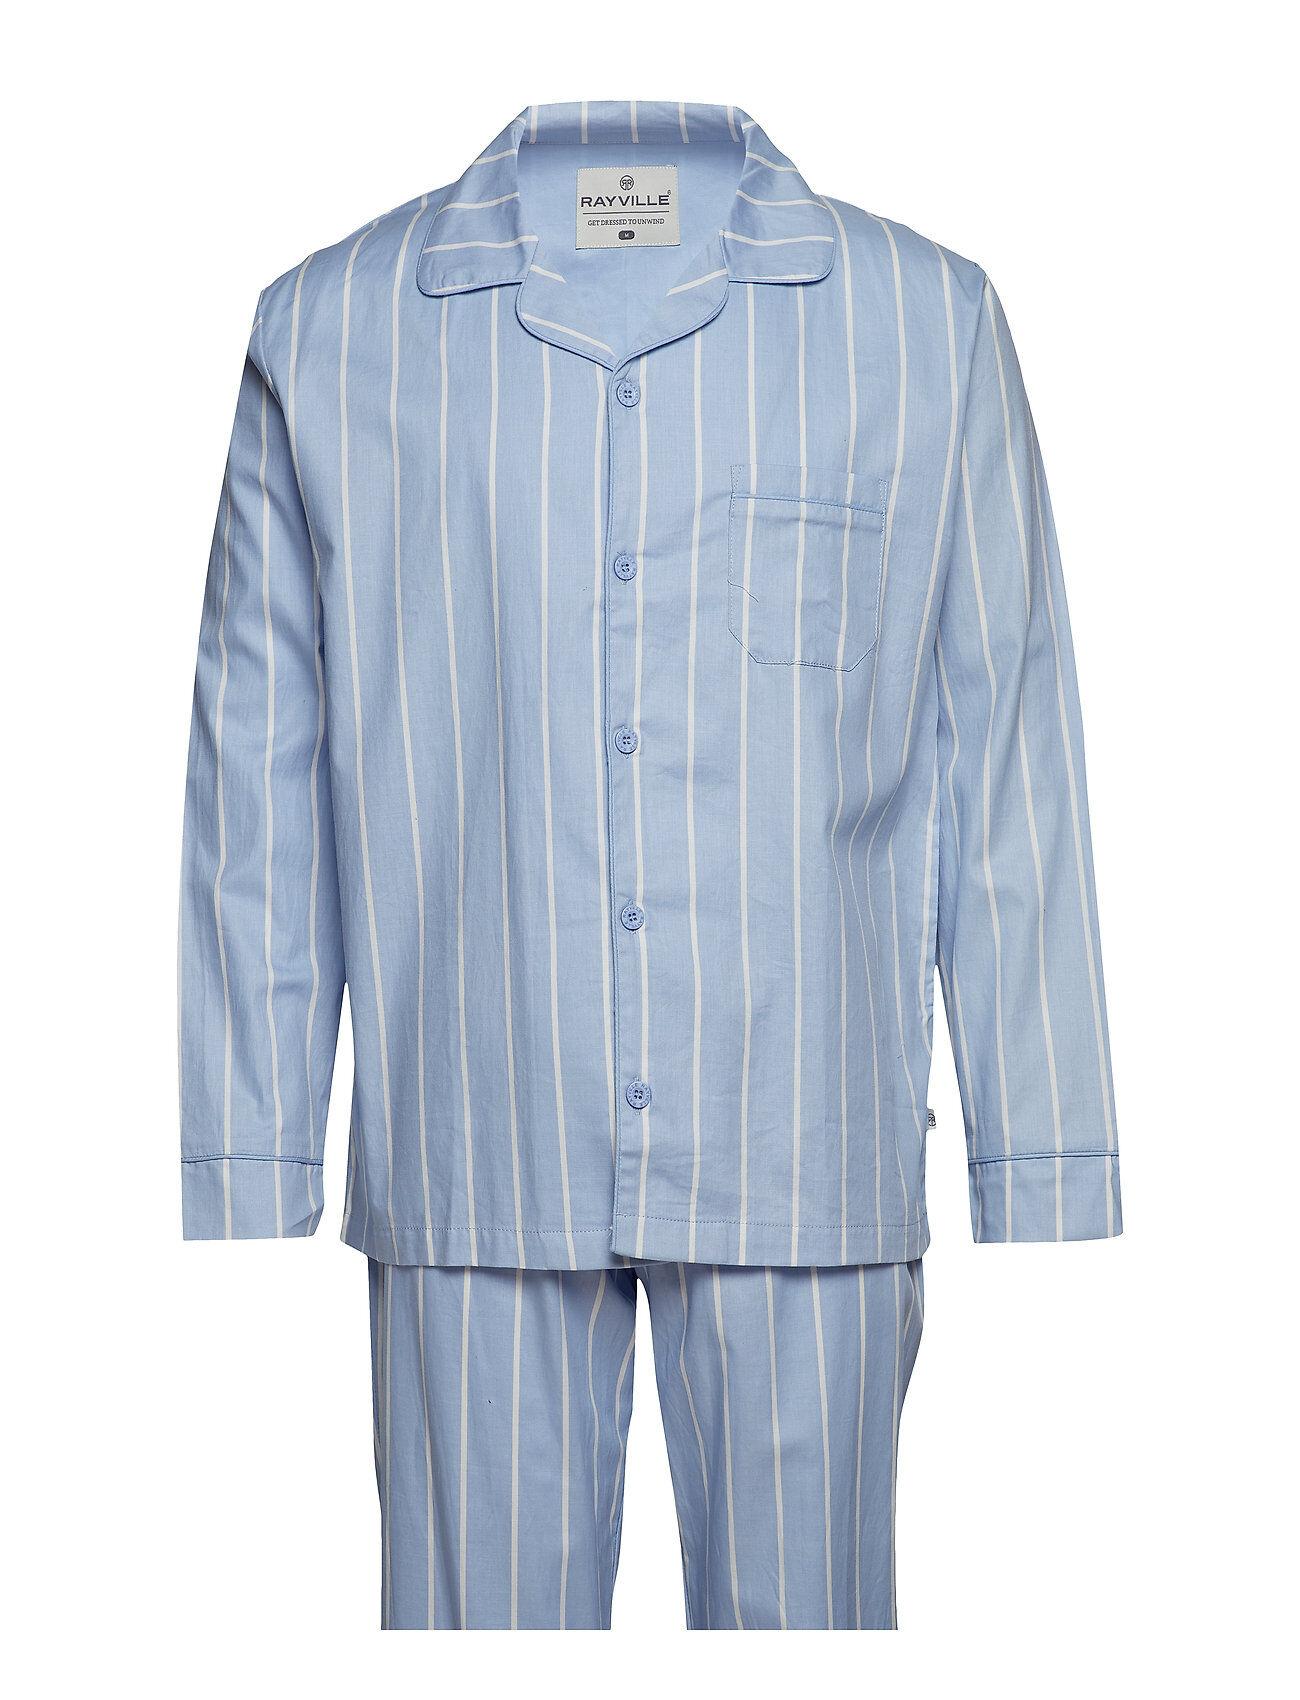 Rayville Mick Pyjamas Club Stripe - Blue / White - S